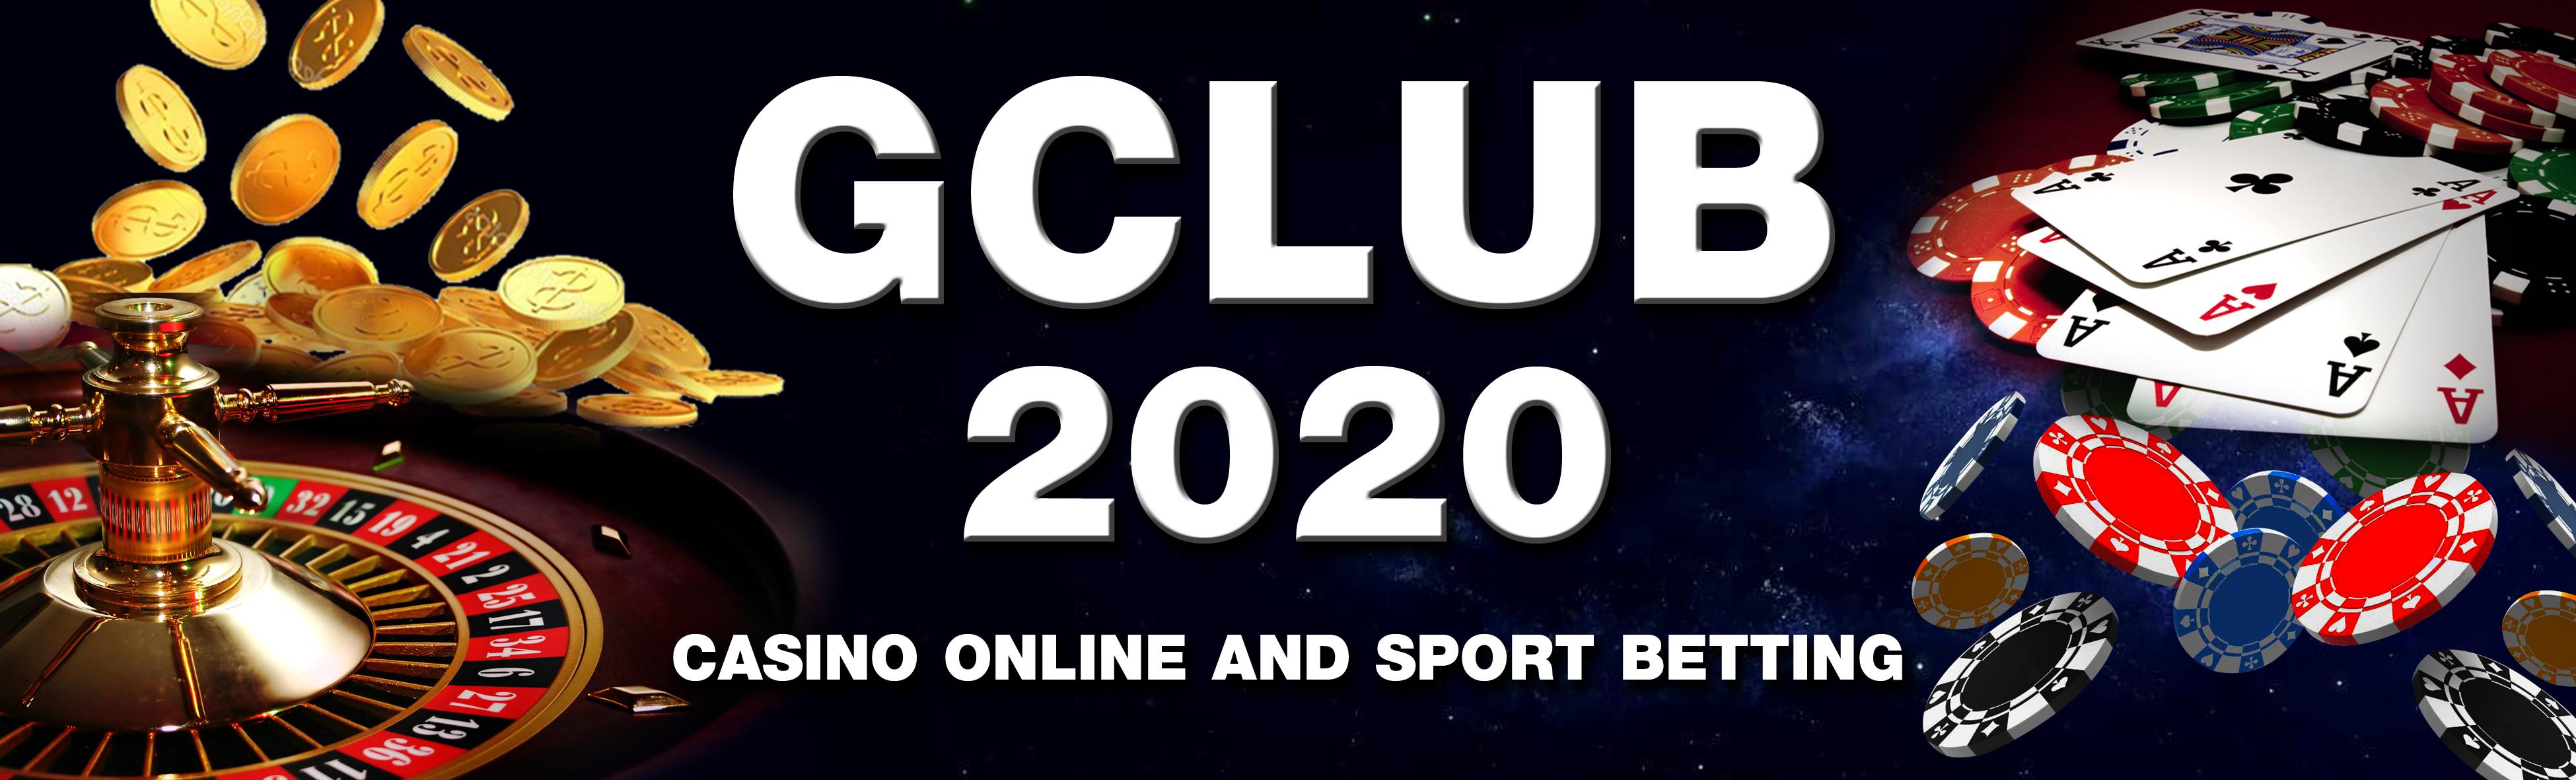 คาสิโนออนไลน์ G Club 2020